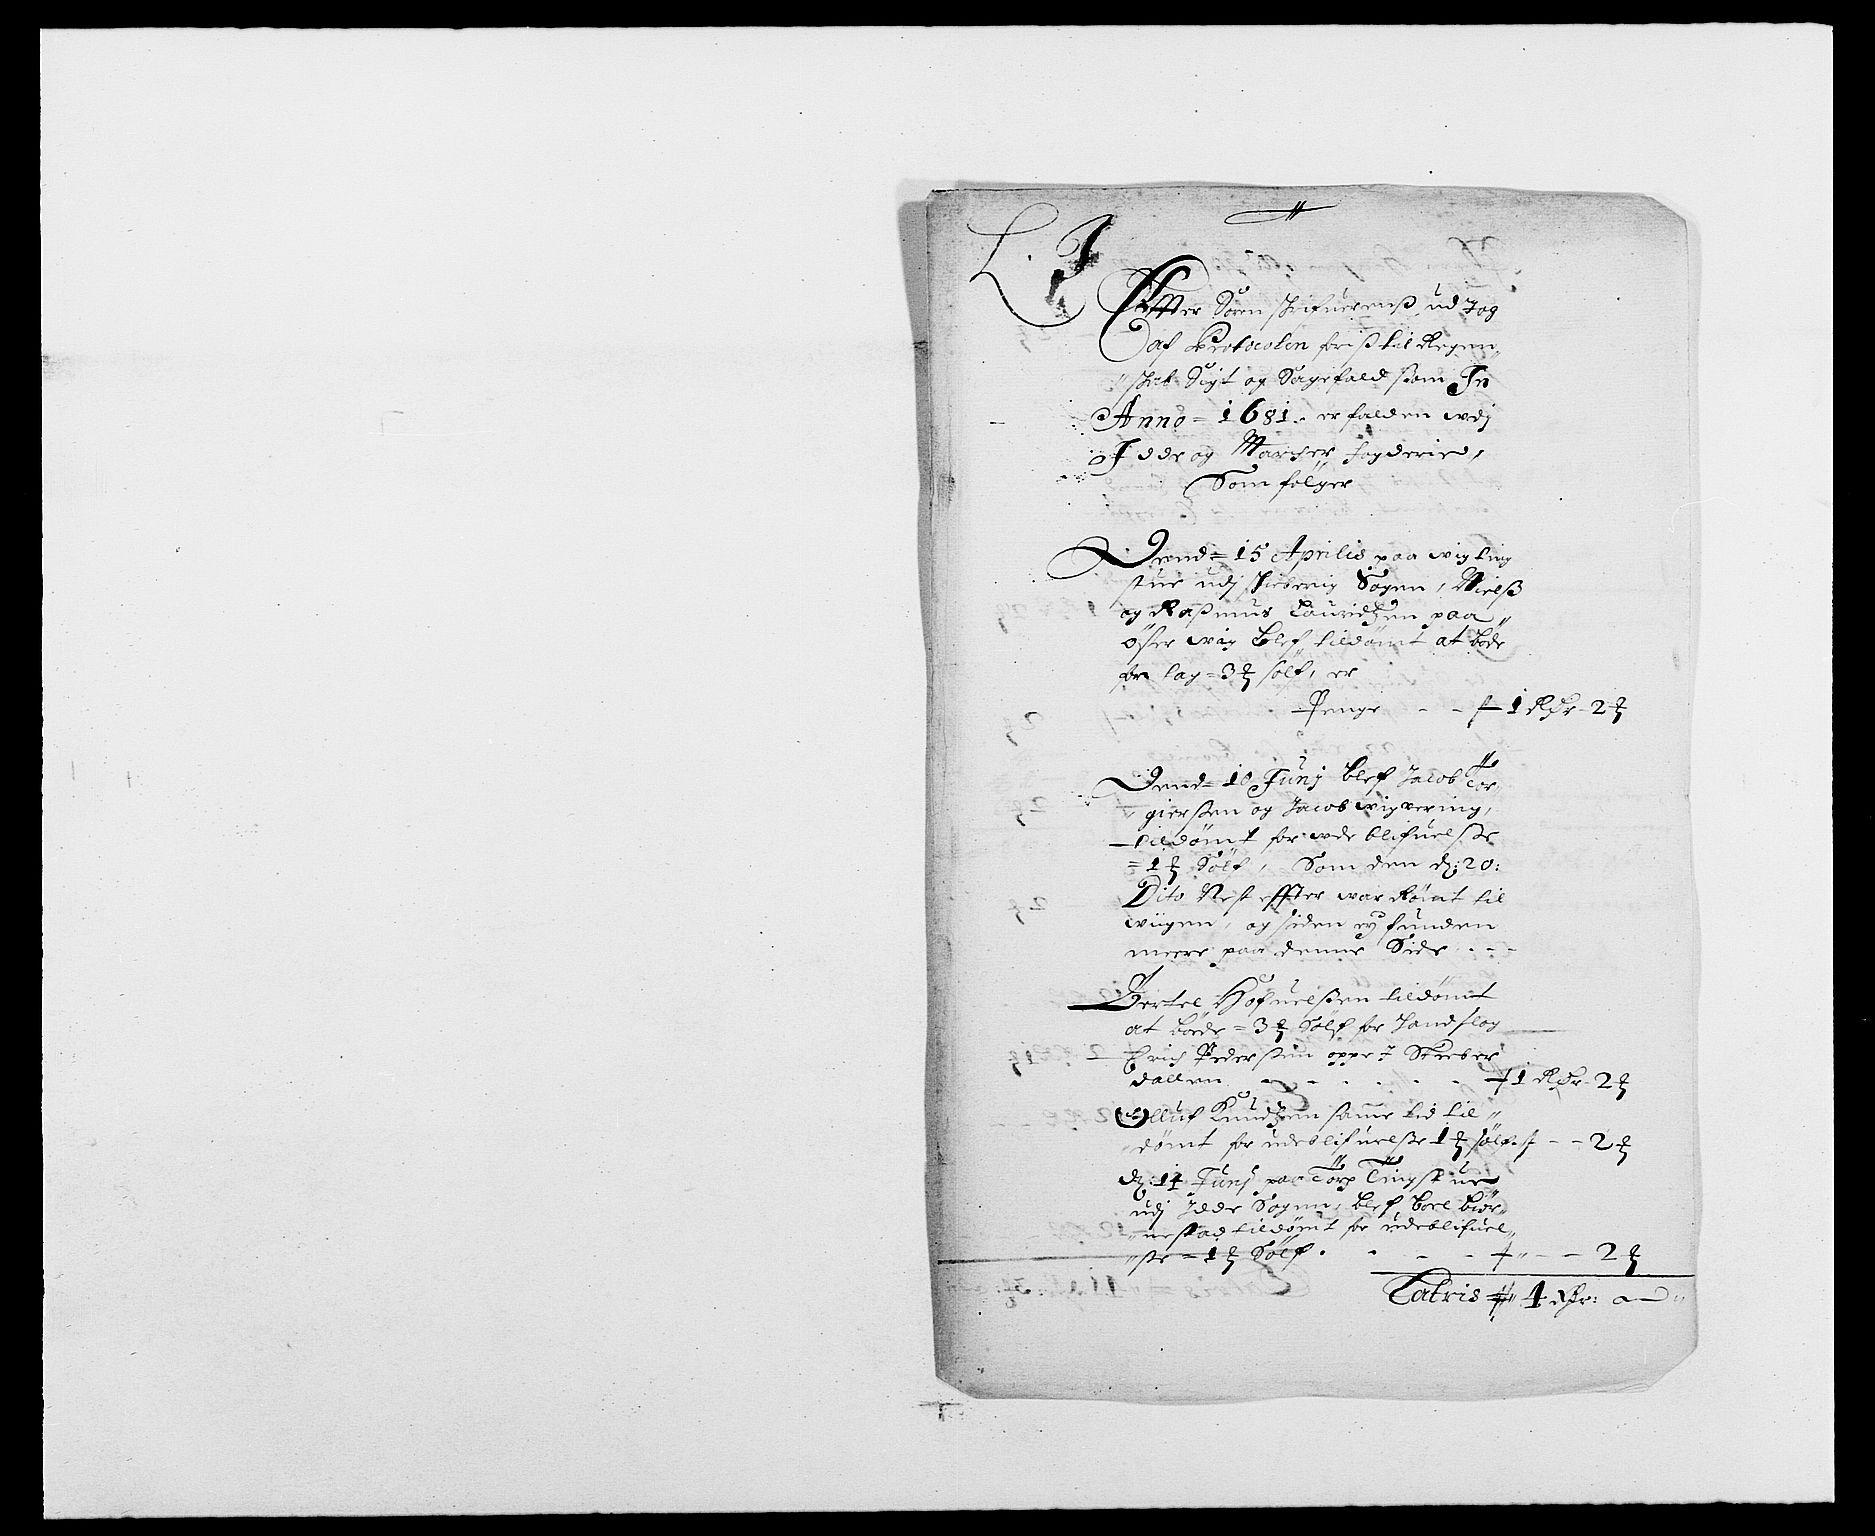 RA, Rentekammeret inntil 1814, Reviderte regnskaper, Fogderegnskap, R01/L0003: Fogderegnskap Idd og Marker, 1678-1681, s. 51